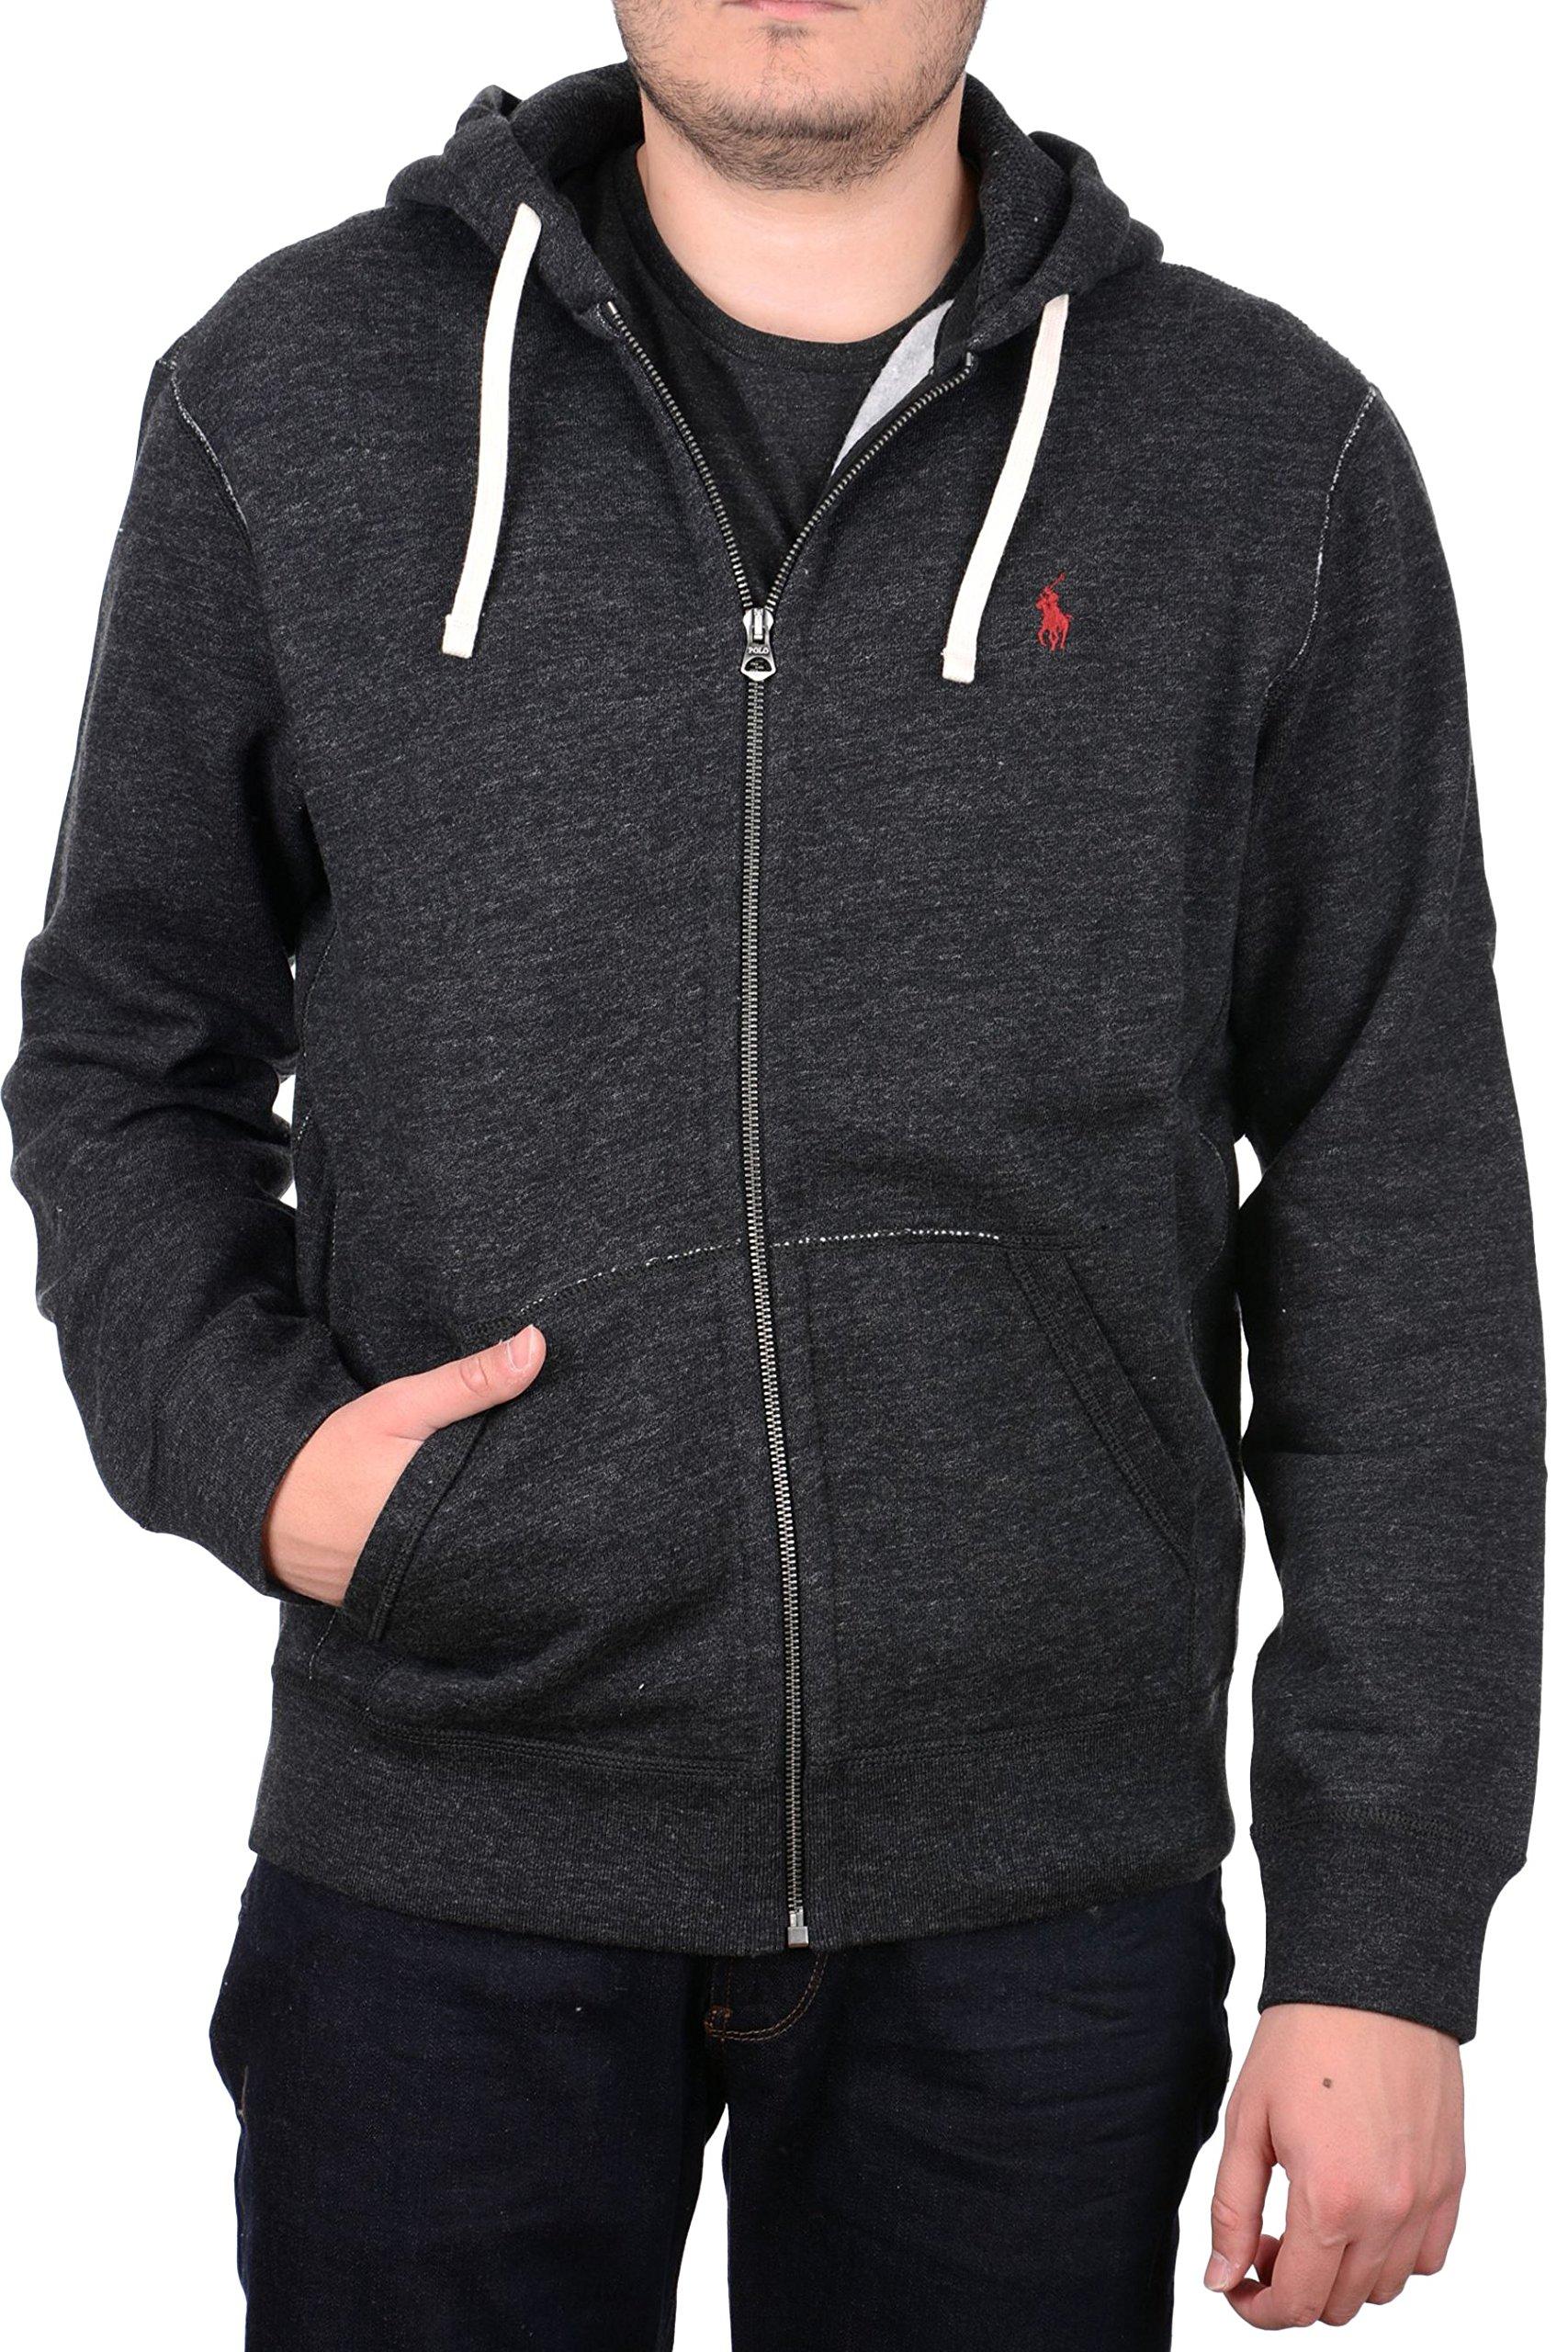 Polo Ralph Lauren Mens Classic Full-Zip Fleece Hoodie (Black Heather, Small)